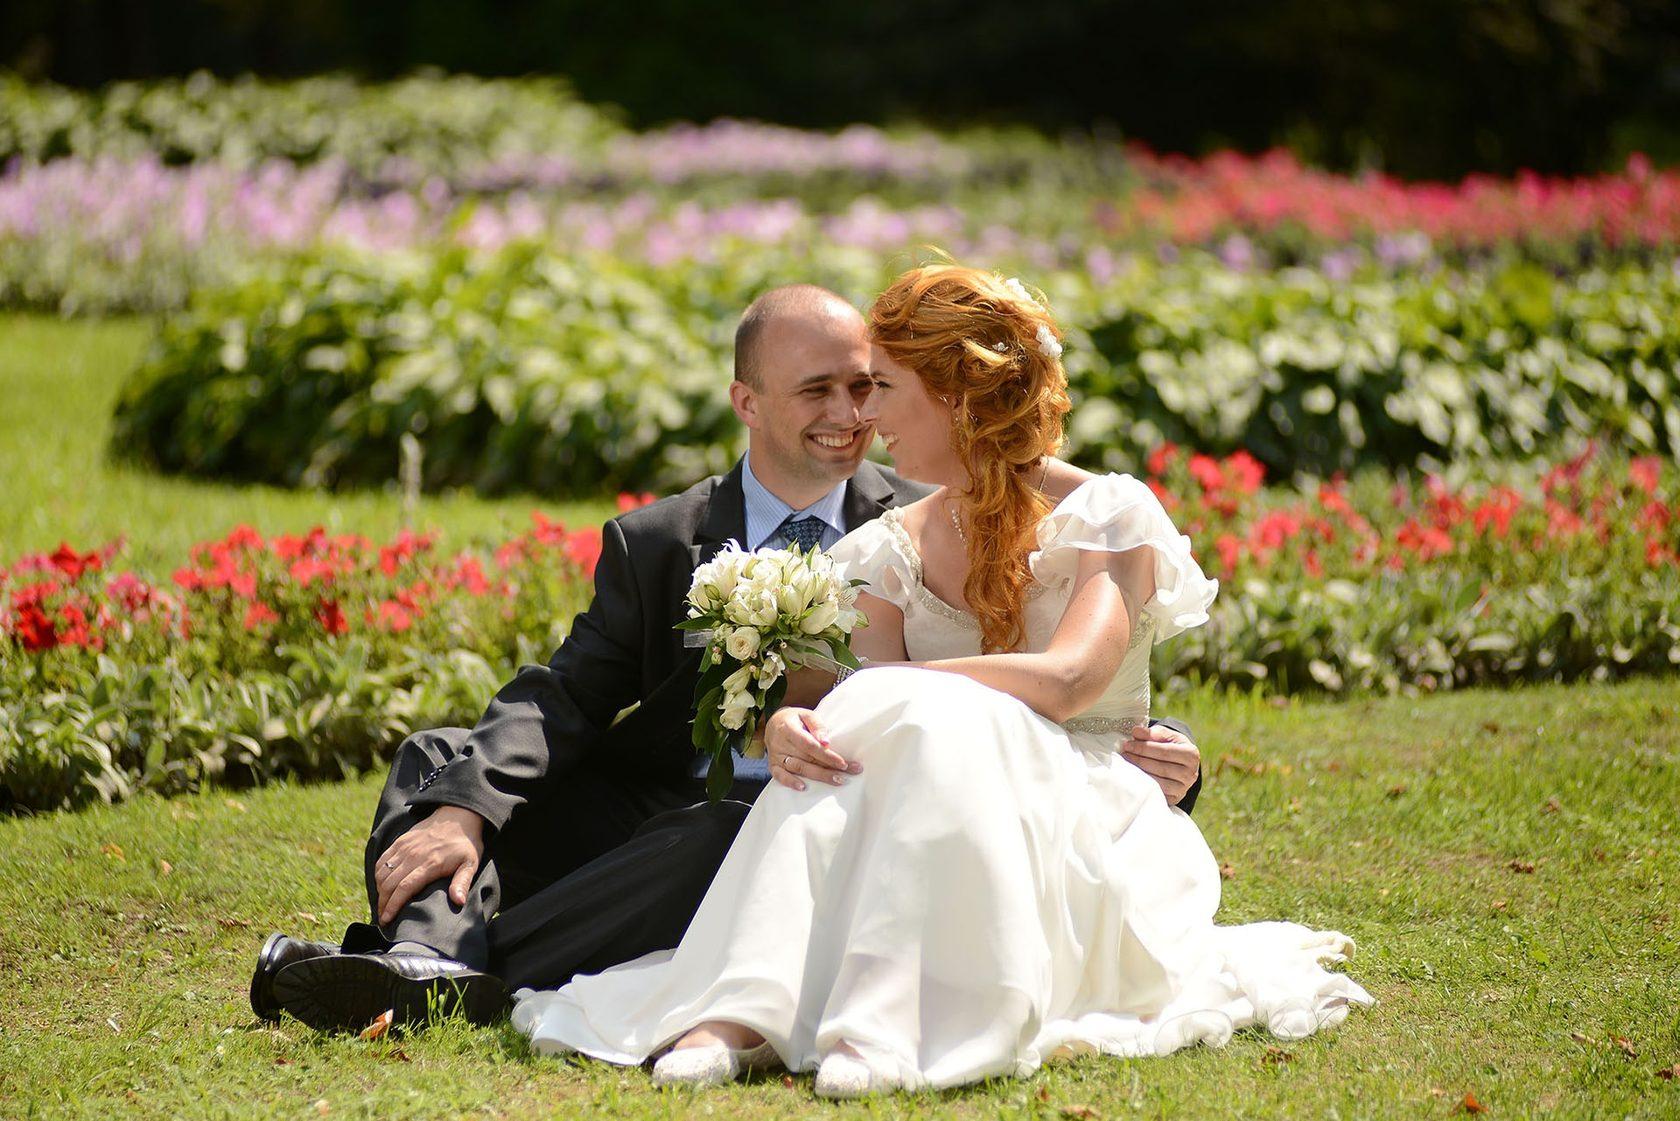 привезти мои свадебные фотографии горле, сосочки языке